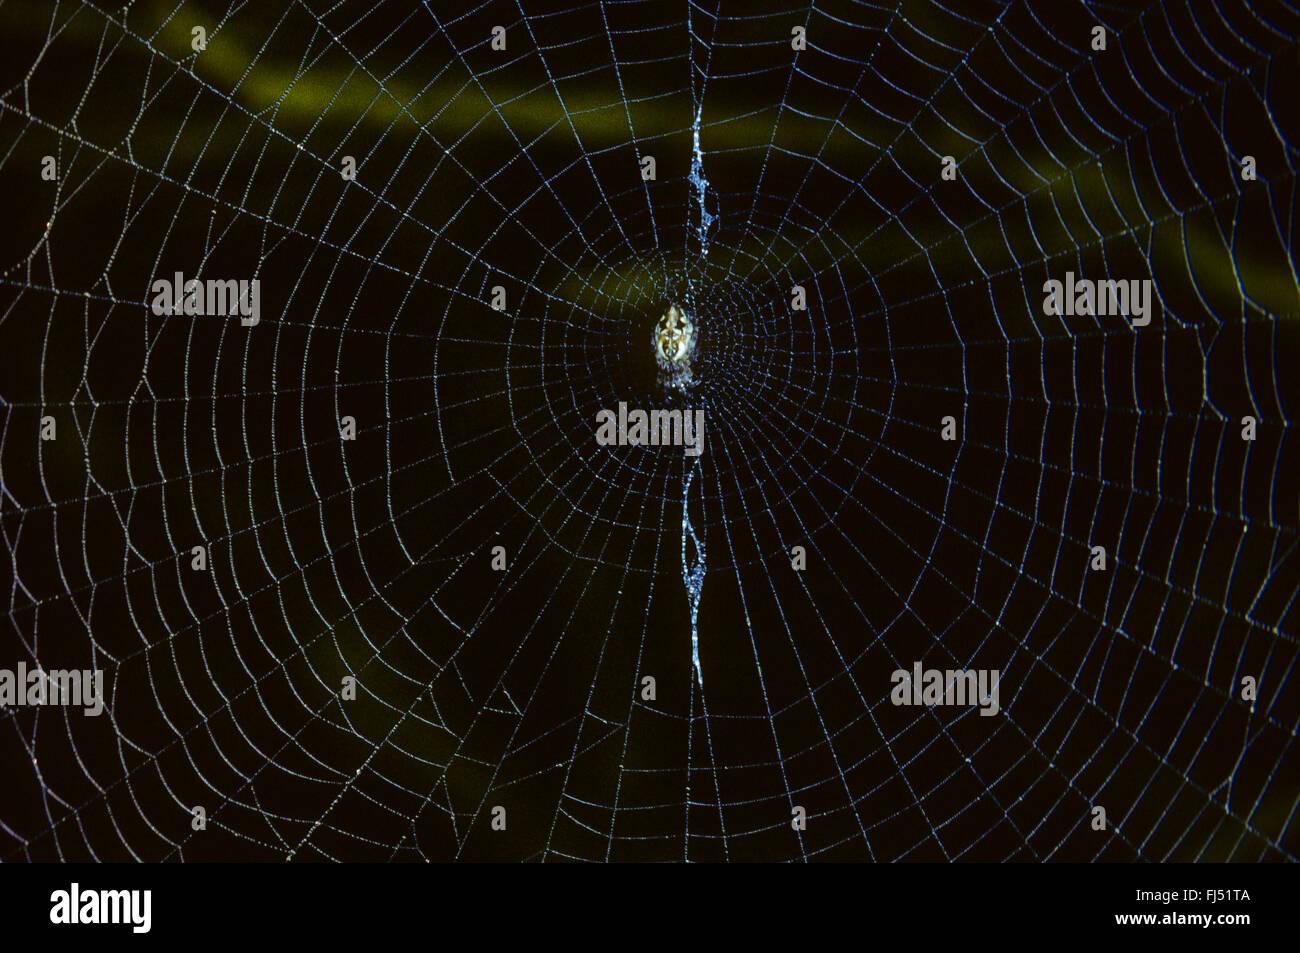 (Cyclosa Trashline orbweaver), hembra conica en web, araña del año 2016, Alemania Imagen De Stock